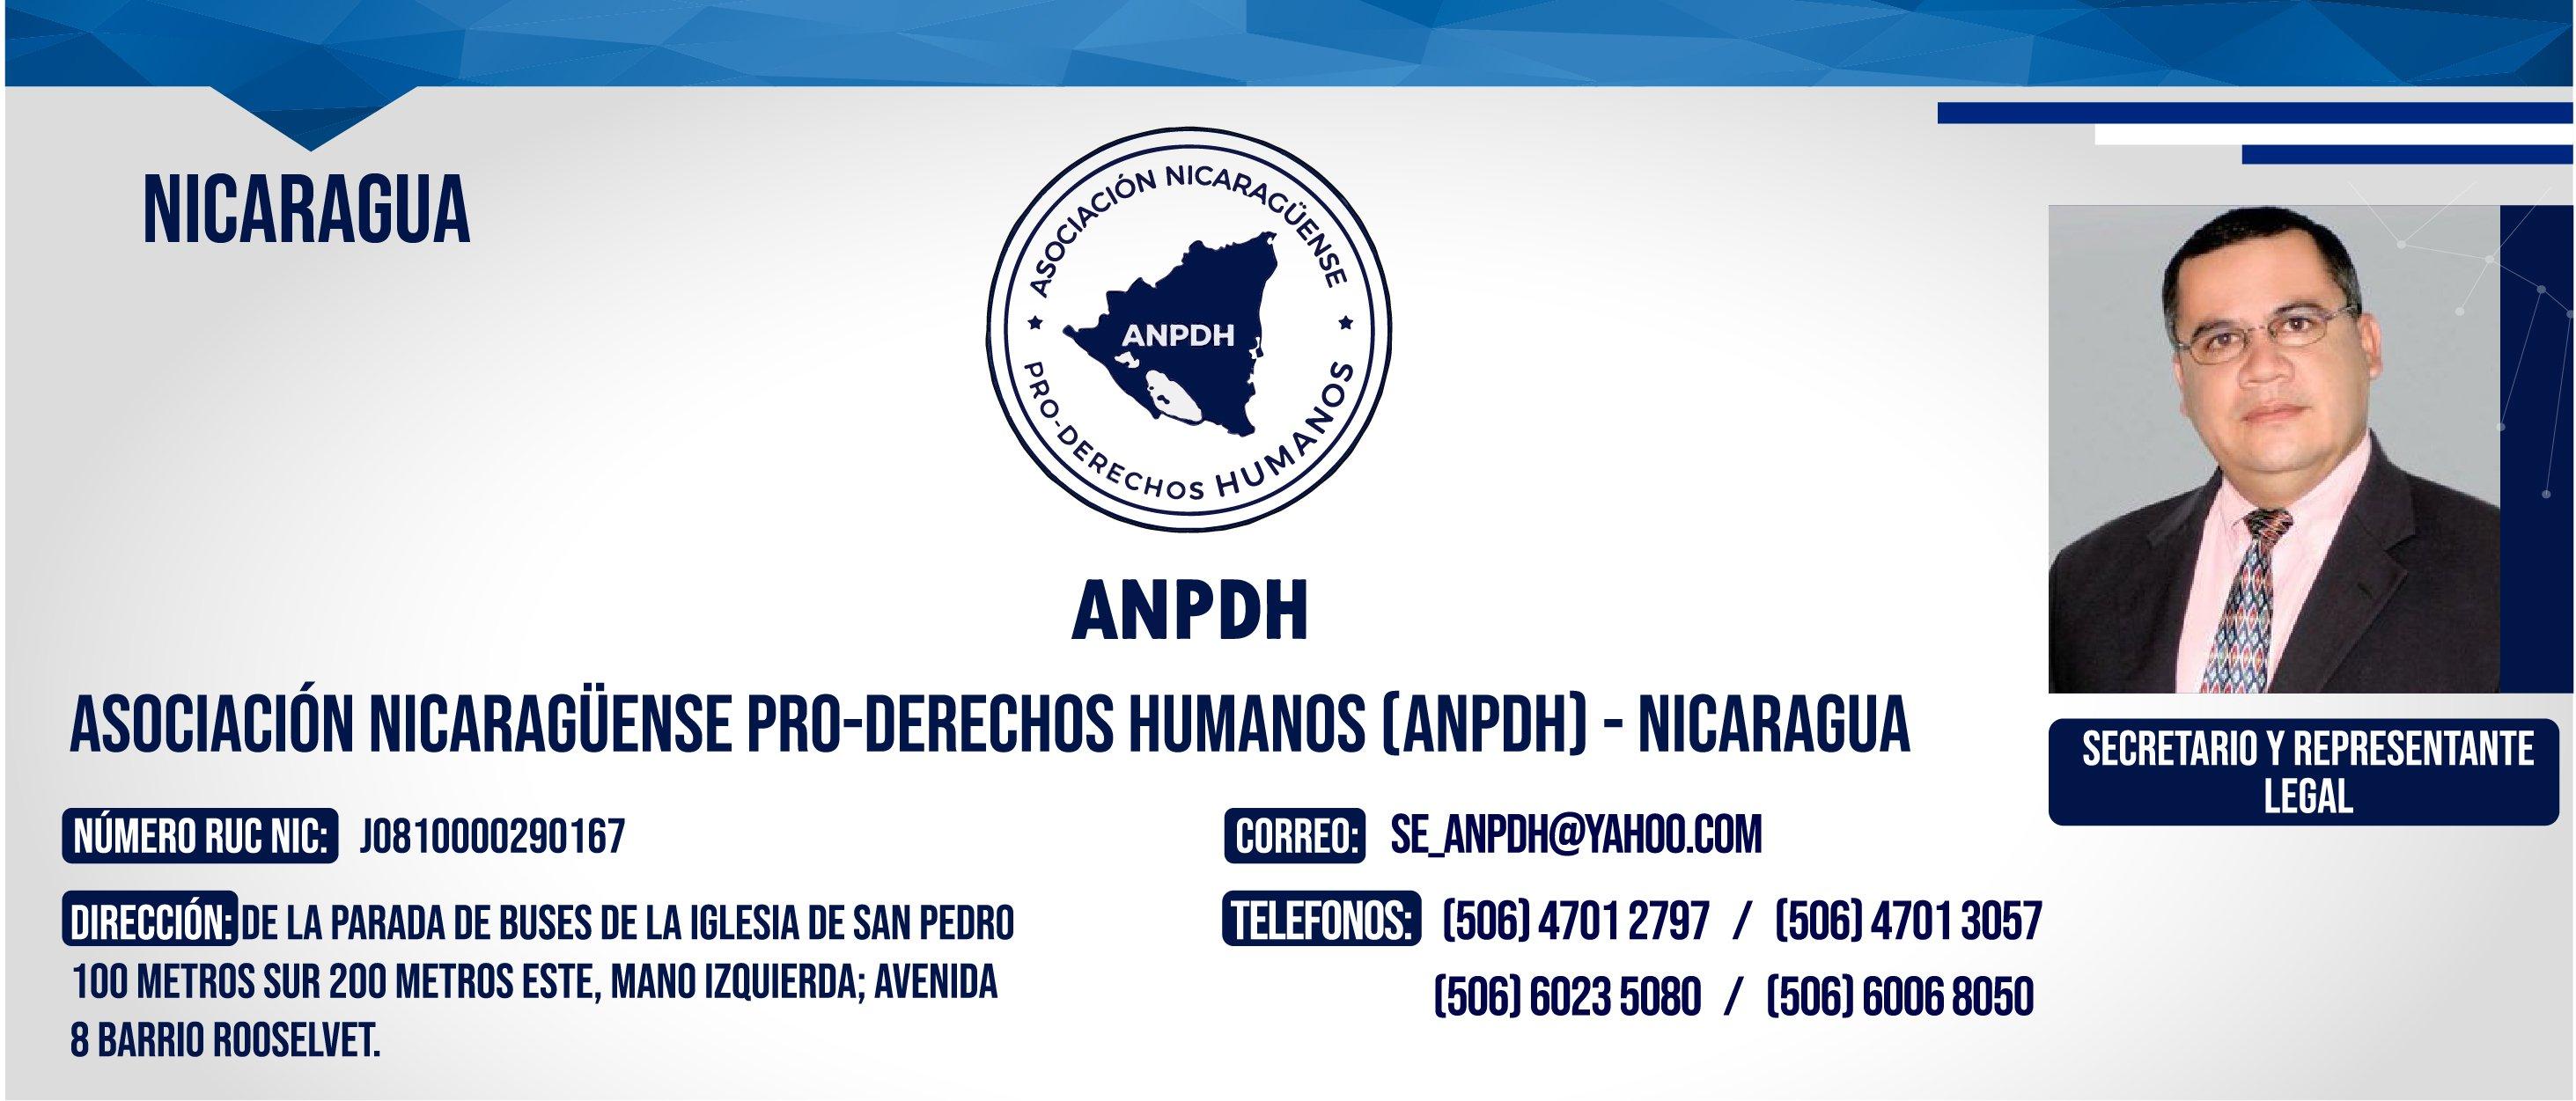 ANPDH NICARAGUA